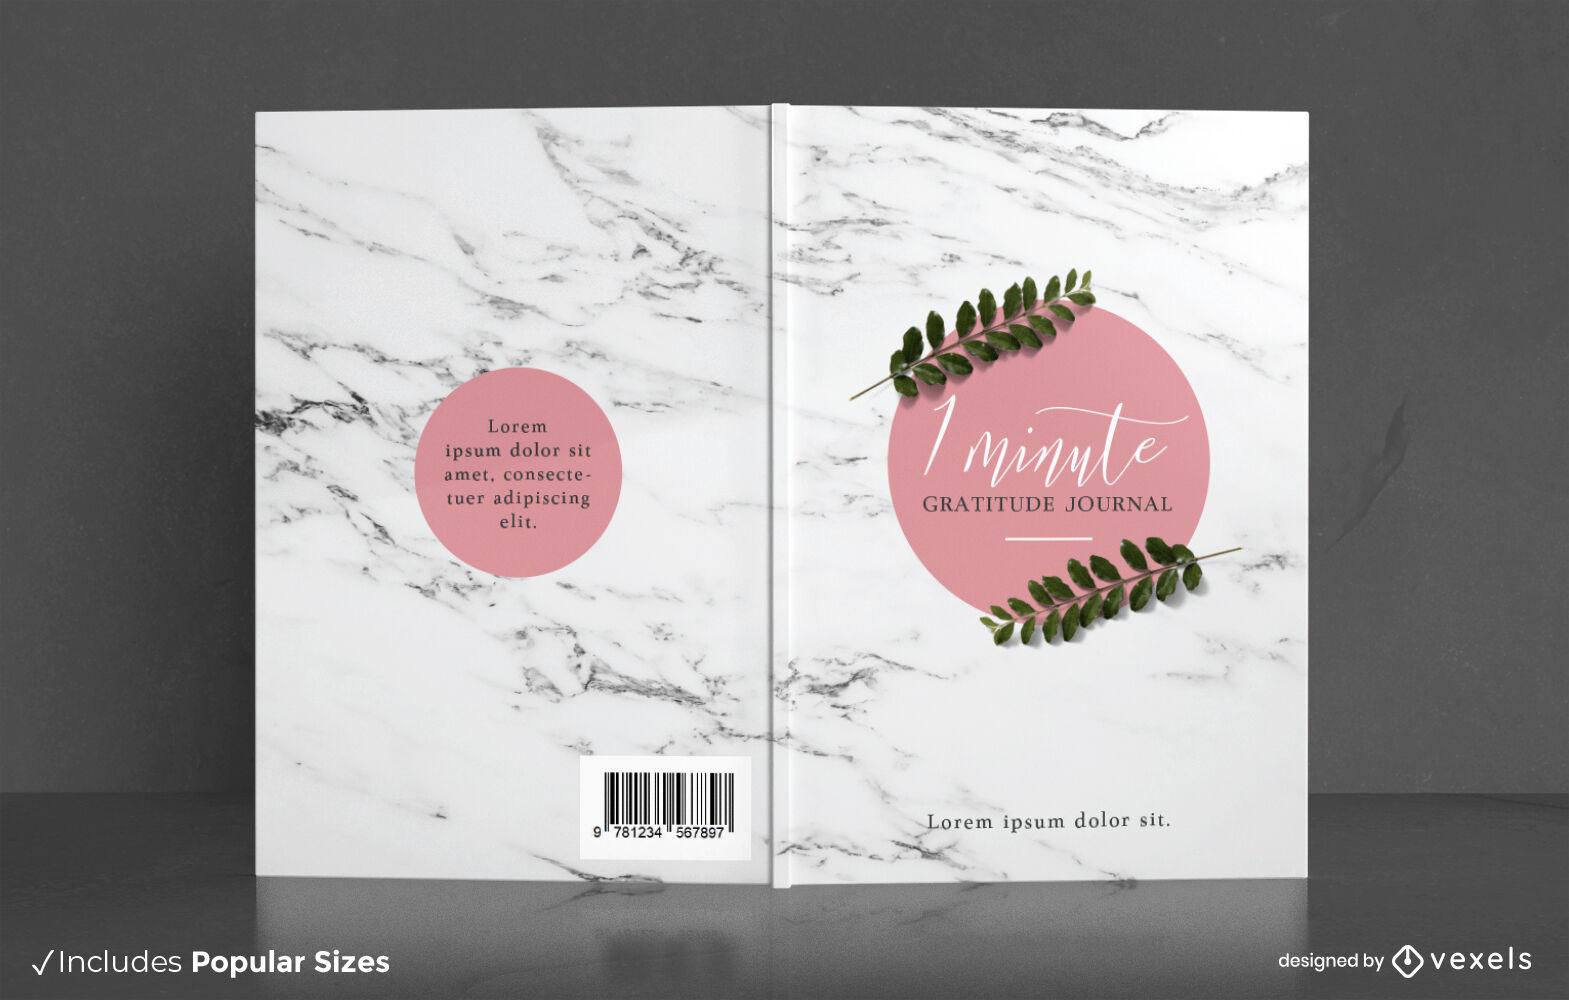 El diario de gratitud deja el dise?o de la portada del libro.